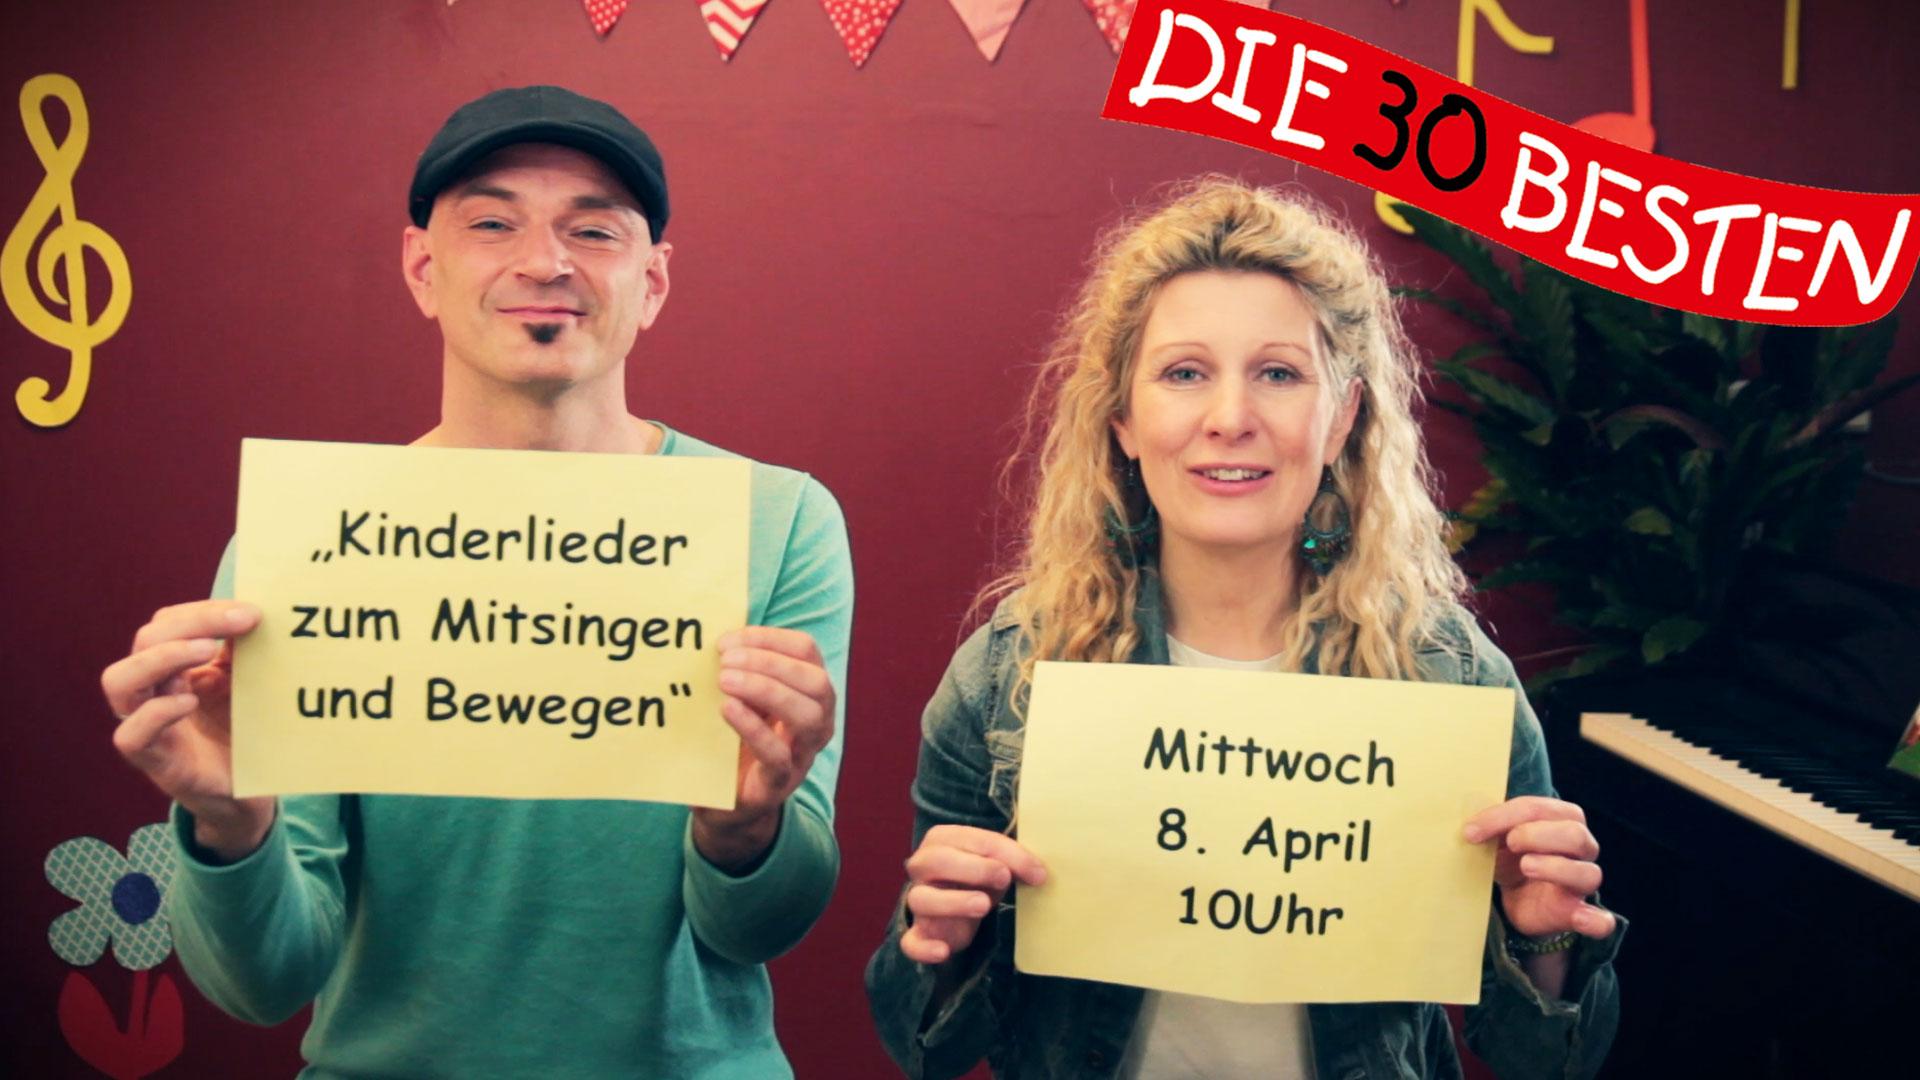 DIE MINI-MITMACH-SHOW FÜR KINDER